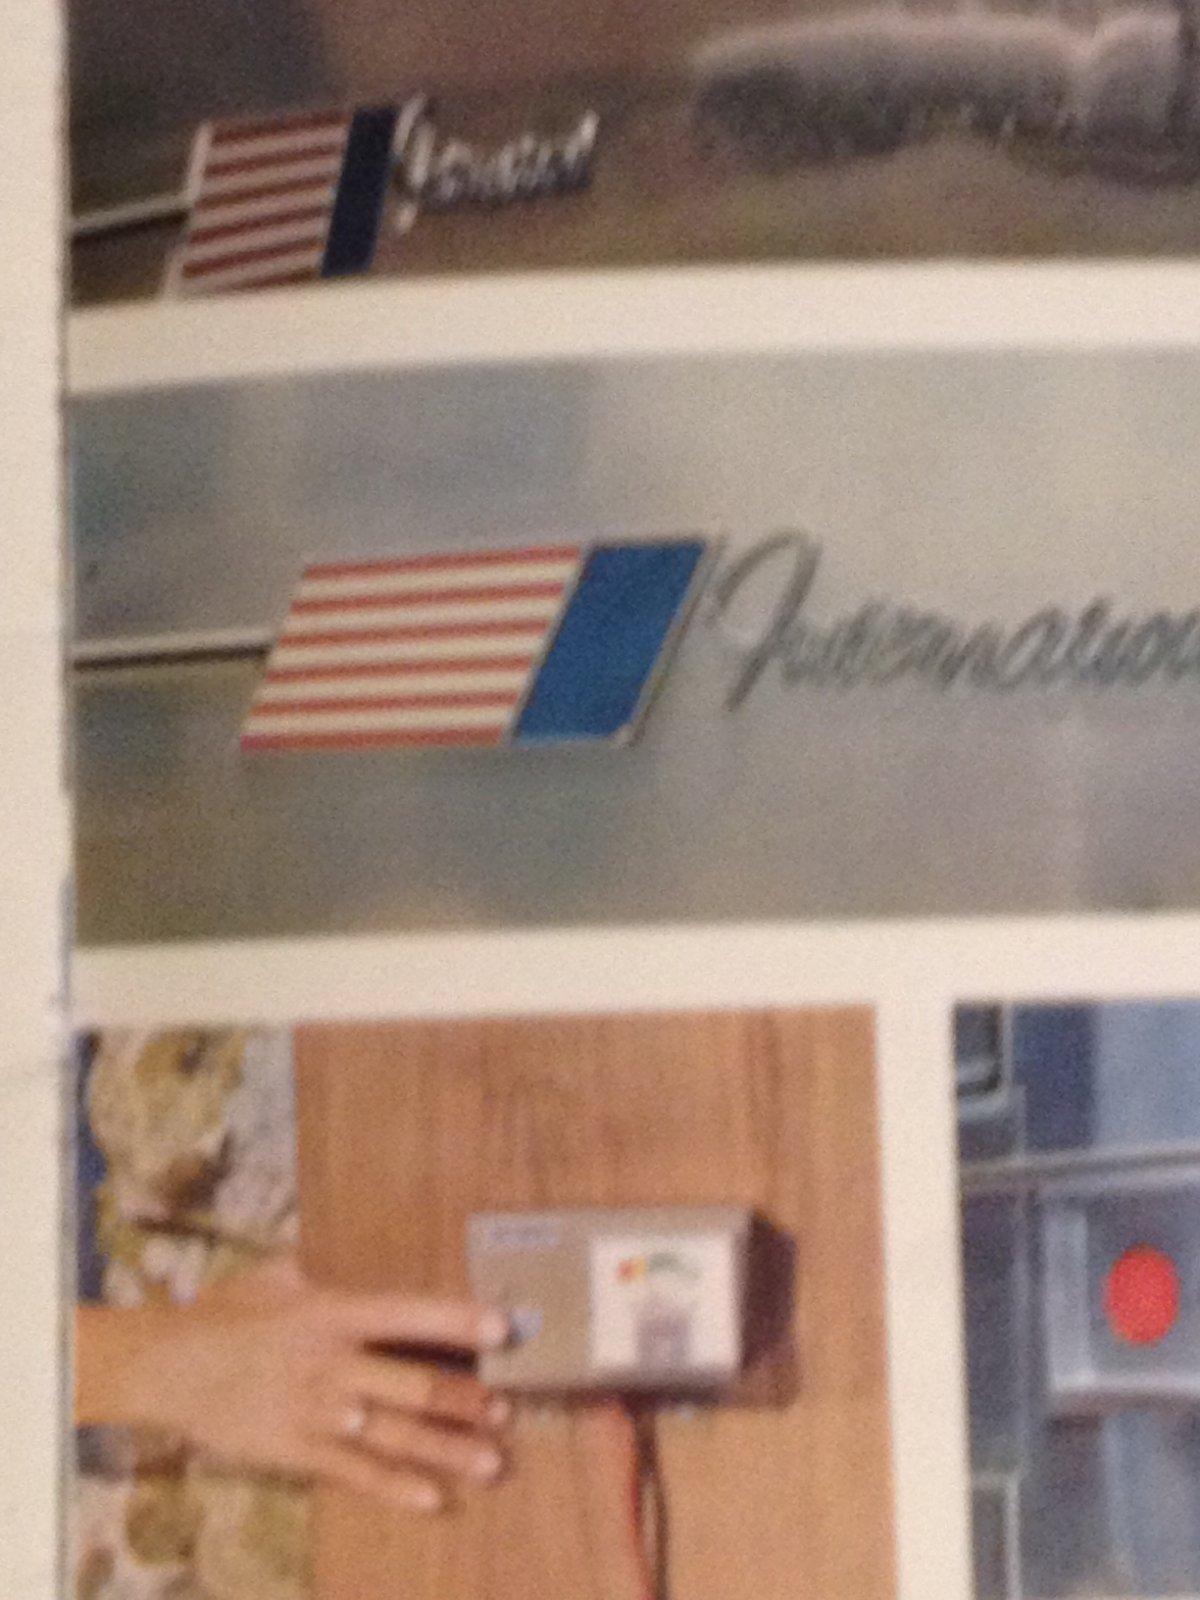 Click image for larger version  Name:1310  Flag Emblem Brochure.jpg Views:5 Size:211.4 KB ID:340066